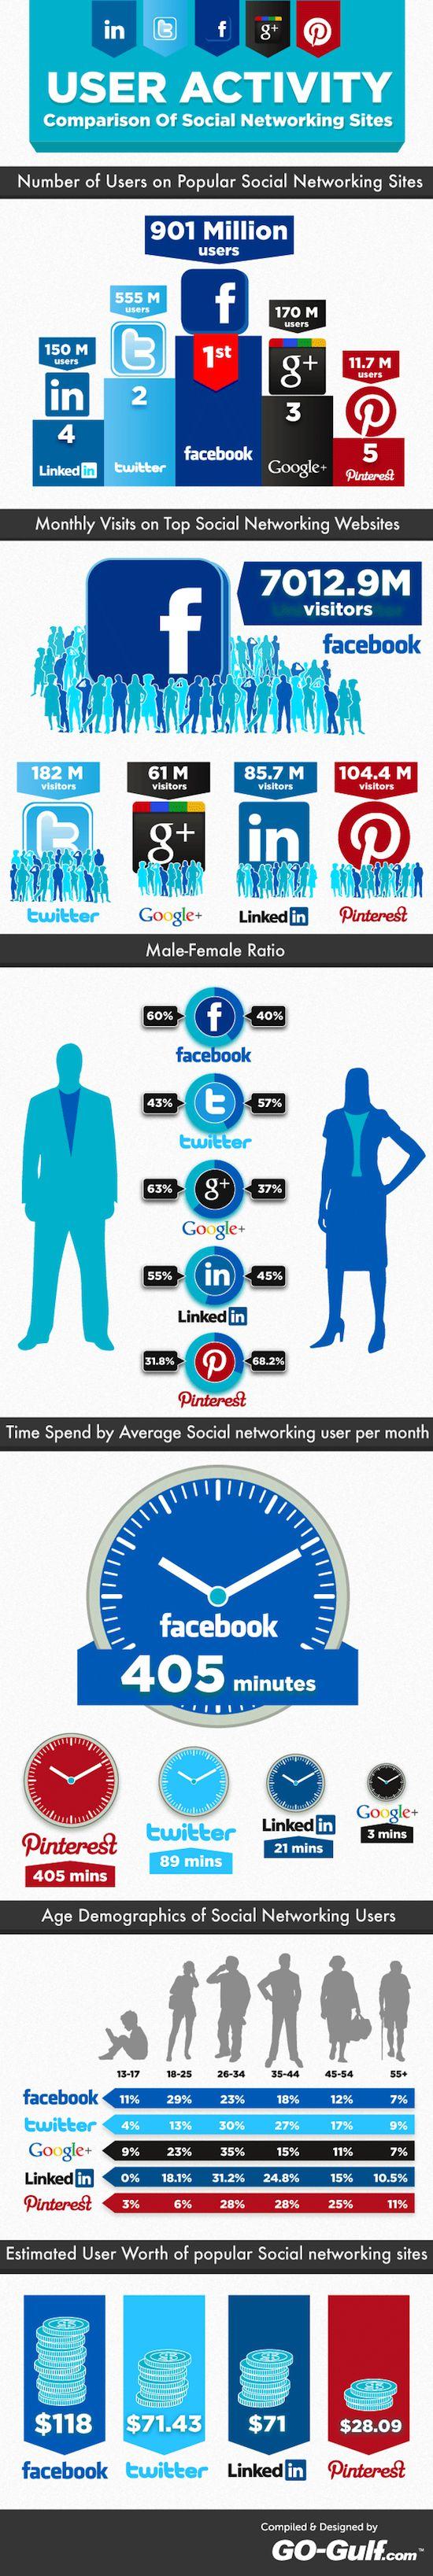 Les derniers chiffres clés des médias sociaux #Infographie: